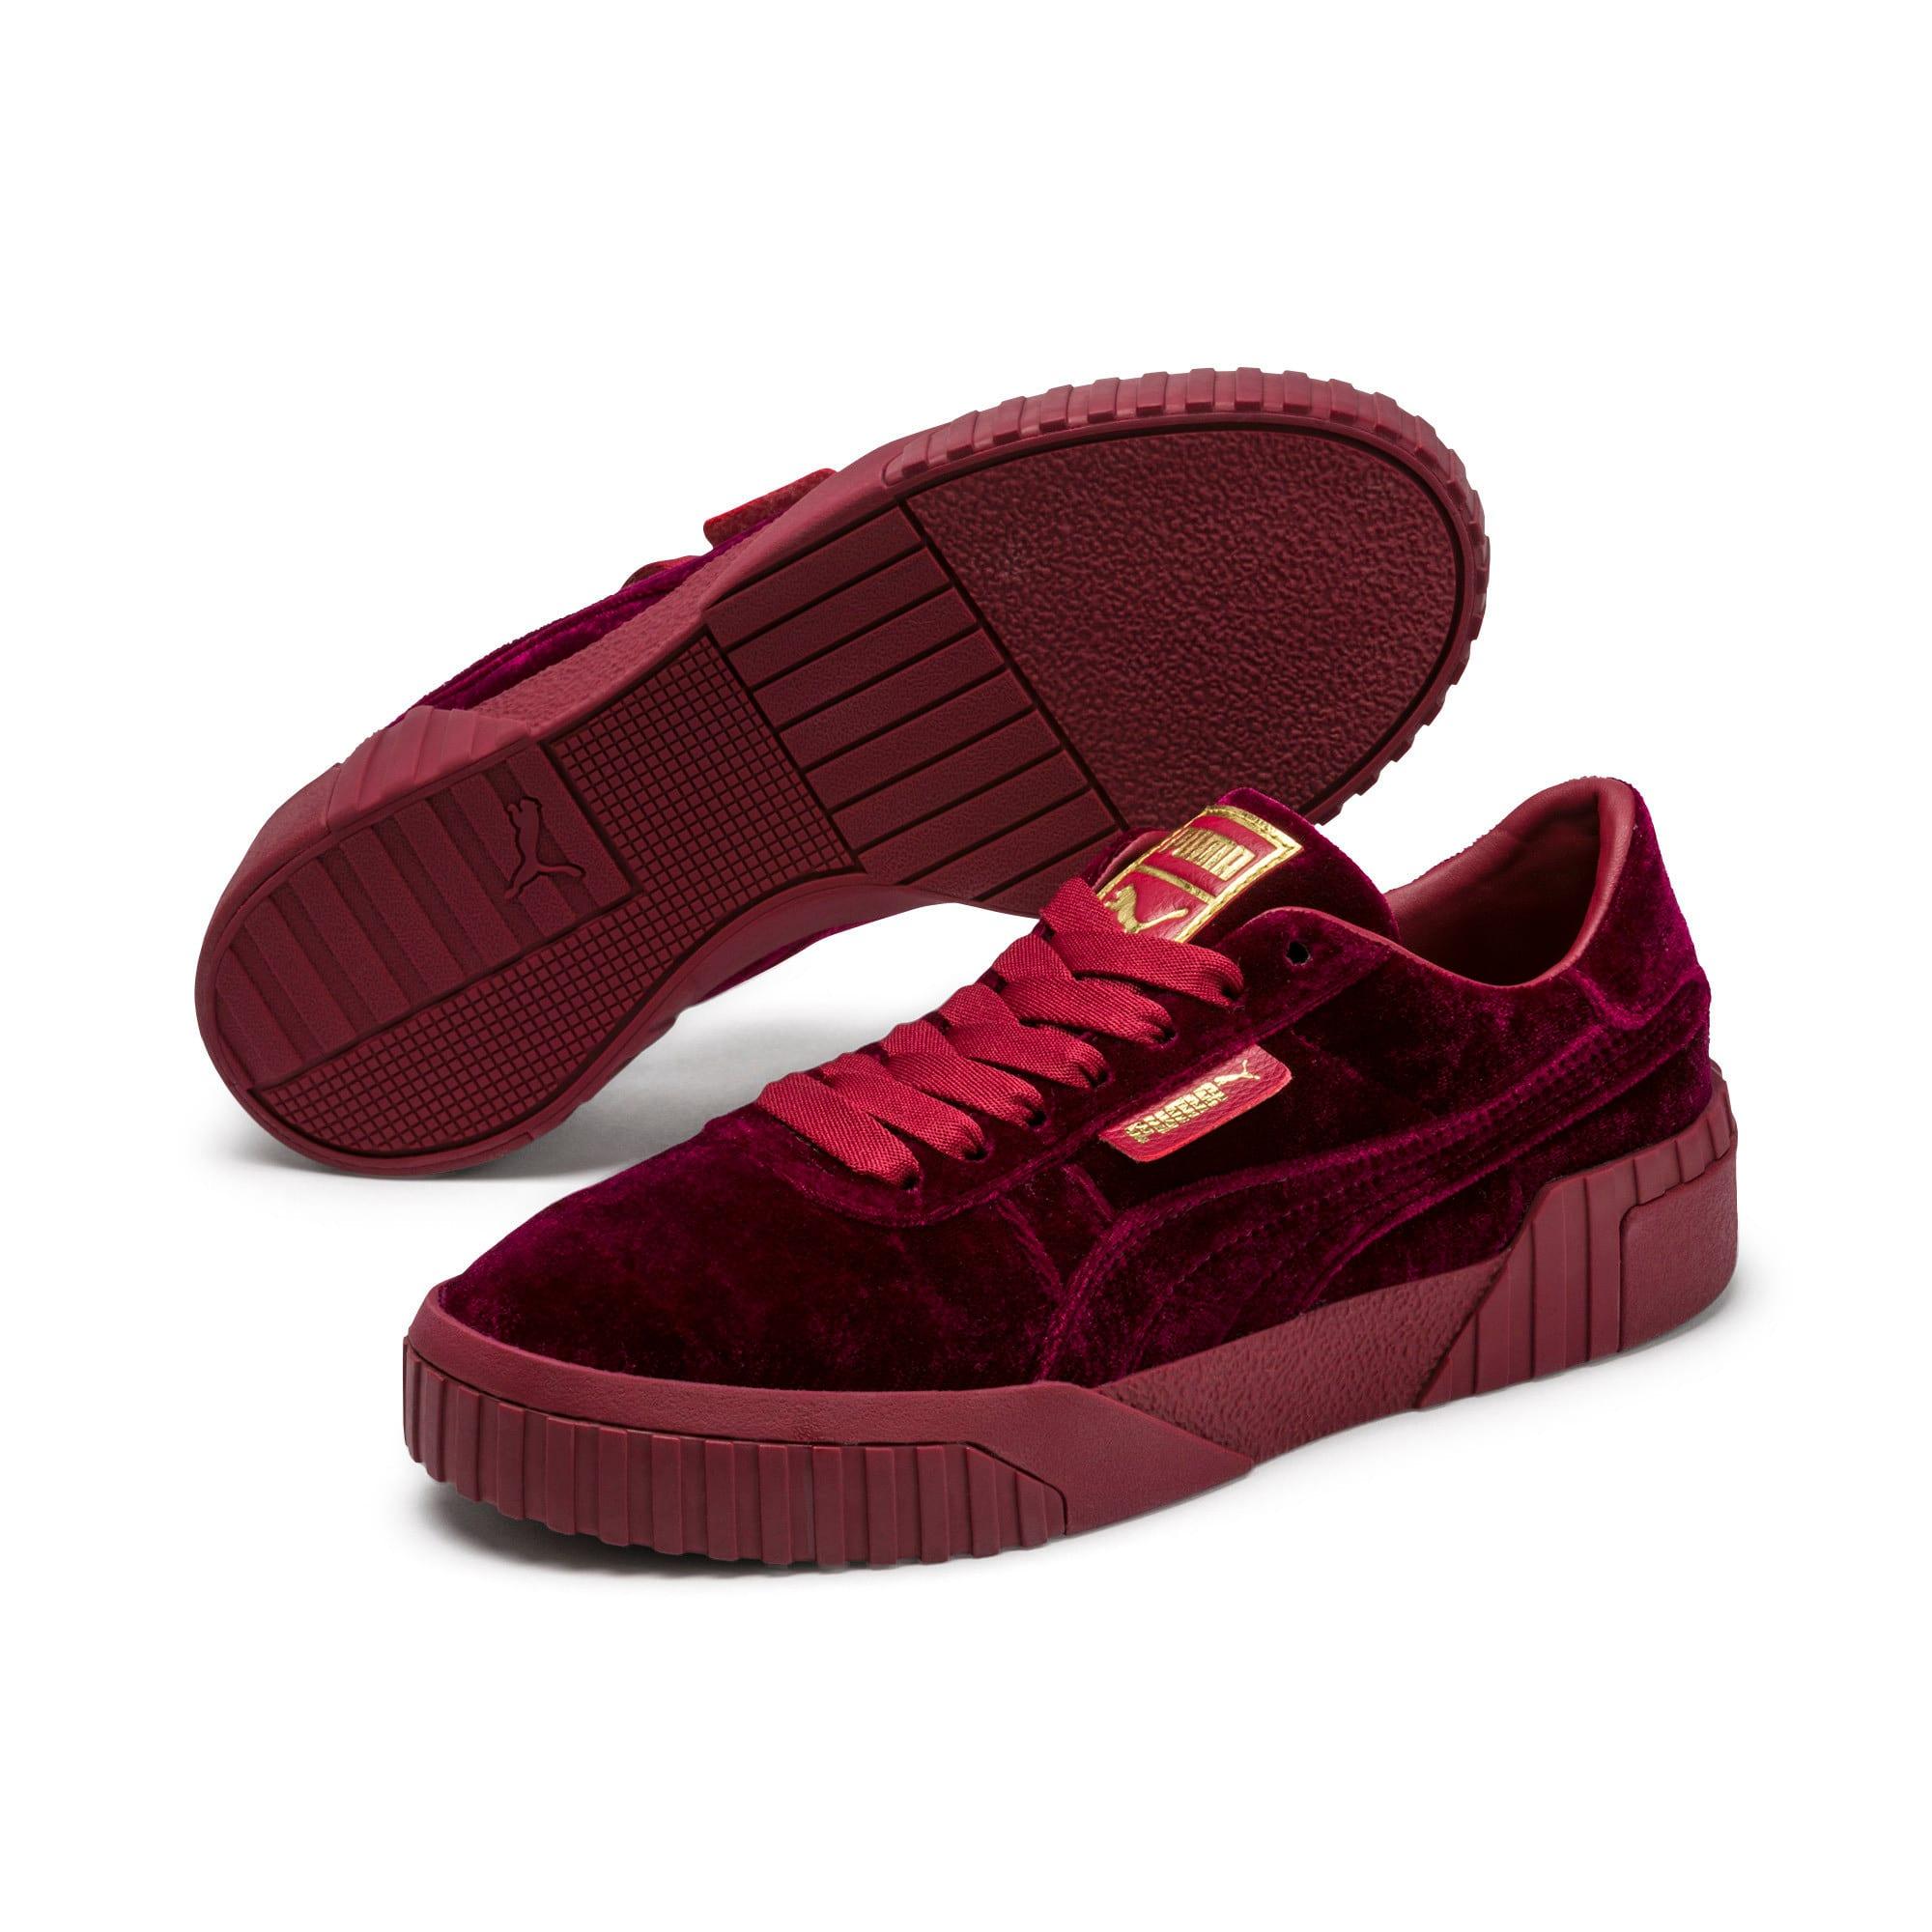 Thumbnail 2 of Cali Velvet Women's Sneakers, Tibetan Red-Tibetan Red, medium